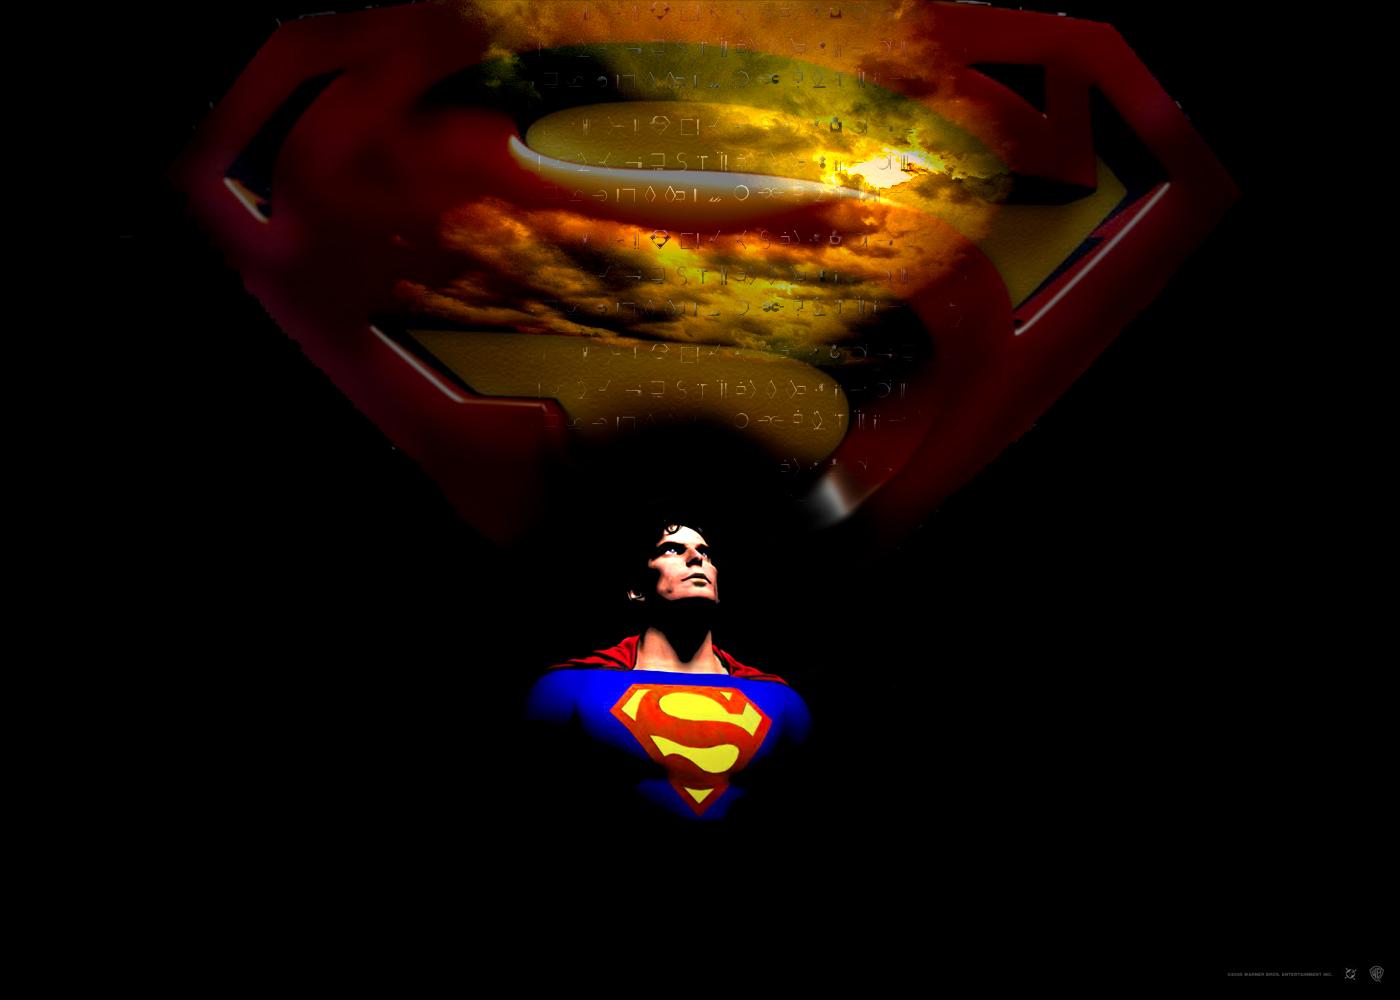 http://3.bp.blogspot.com/--6ljqSuhkS8/TZB0TGhihqI/AAAAAAAAAUI/XQkKaaolqDw/s1600/superman-36004.jpg